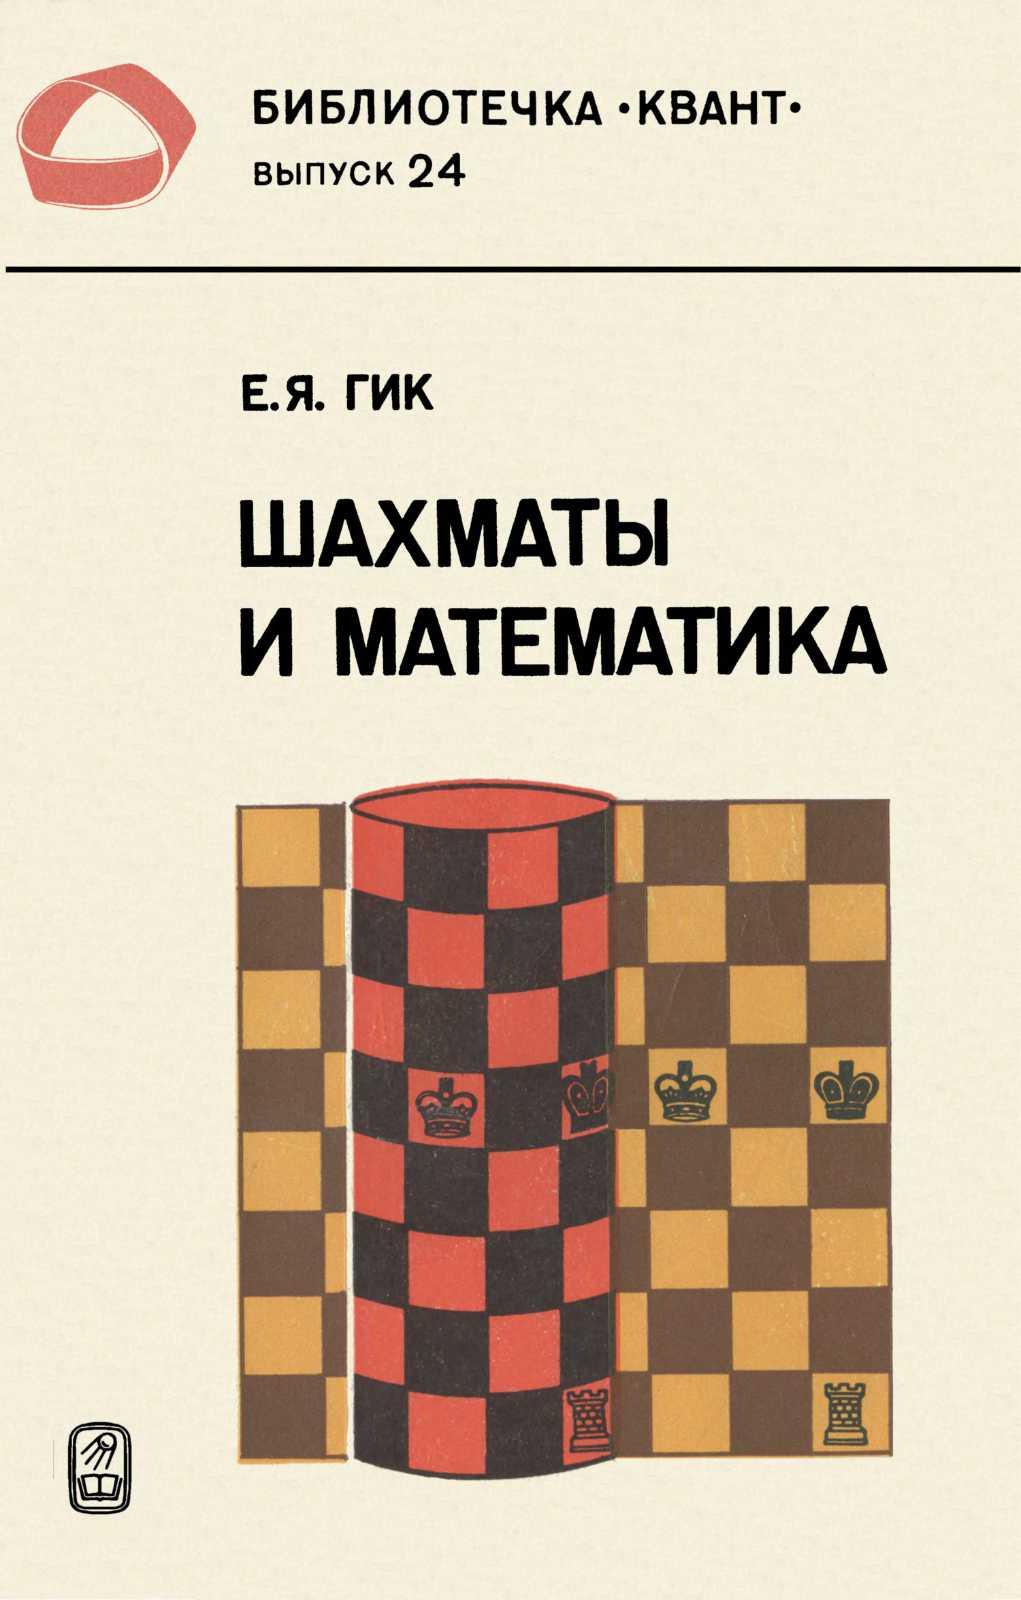 Гик Е. Я. - Шахматы и математика